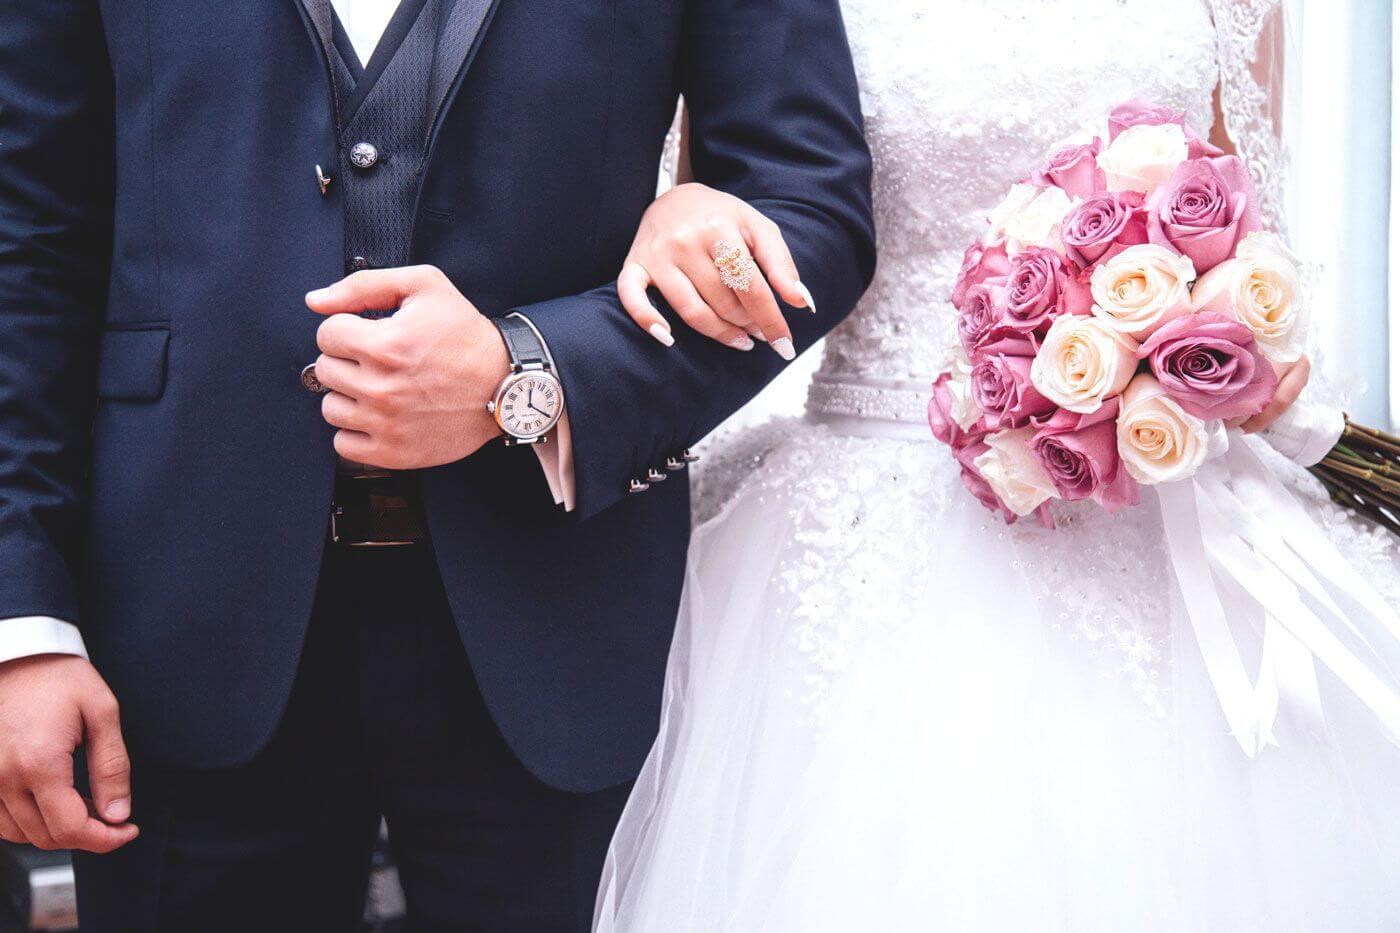 15 Frases Para Casamento Que Todos Os Noivos Deveriam Ler